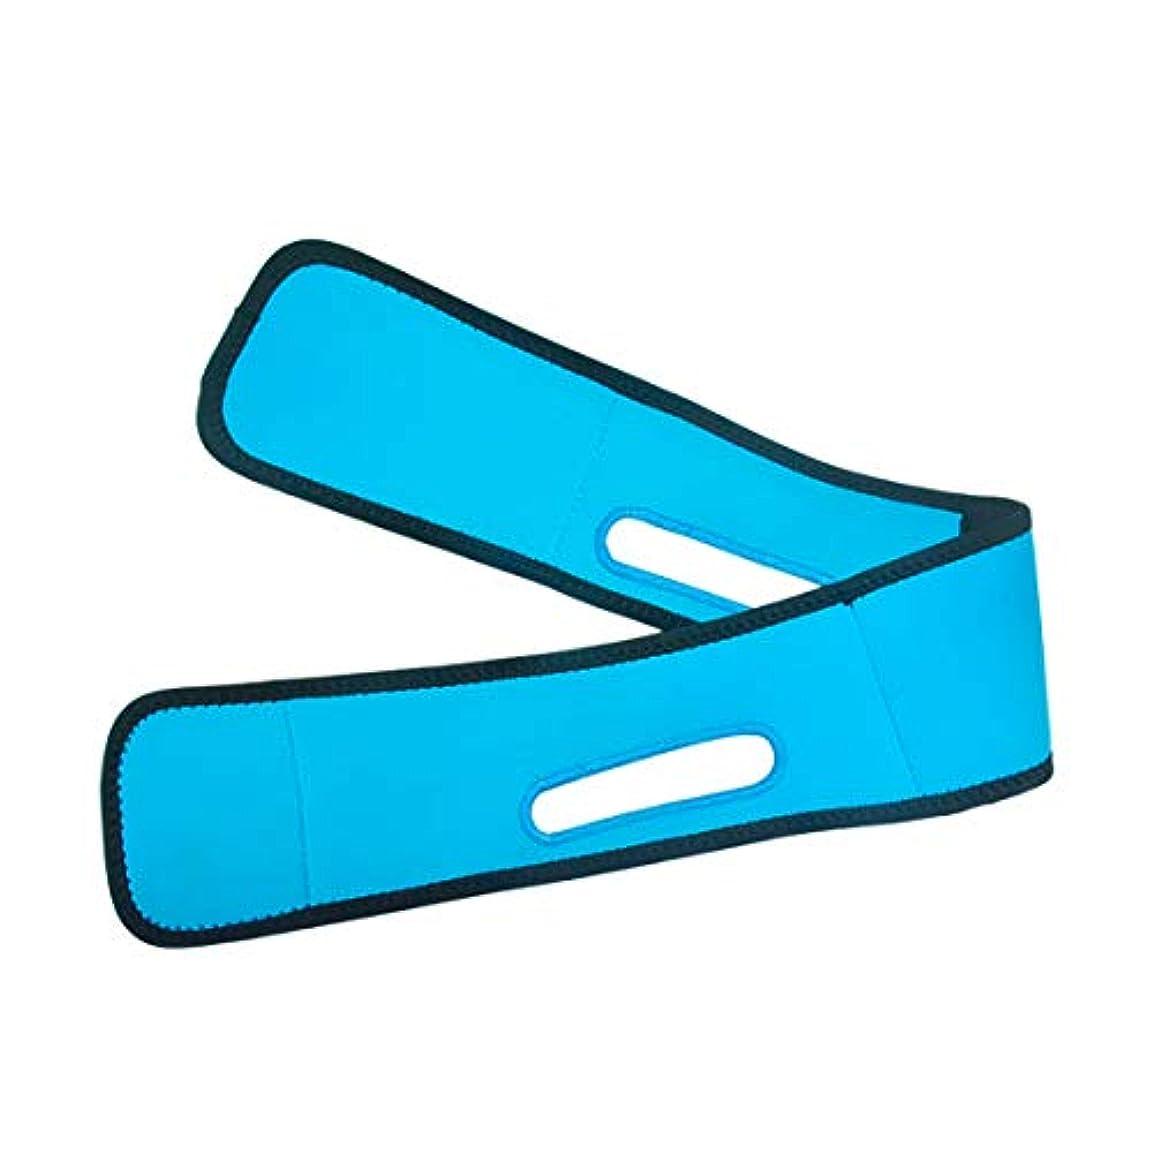 修羅場衝撃やさしいXHLMRMJ 痩身ベルト、フェイスマスクV顔アーティファクトマッサージマスク、あごの筋肉の収縮を強化する簡単にVフェイスリフトタイトな包帯を形作る